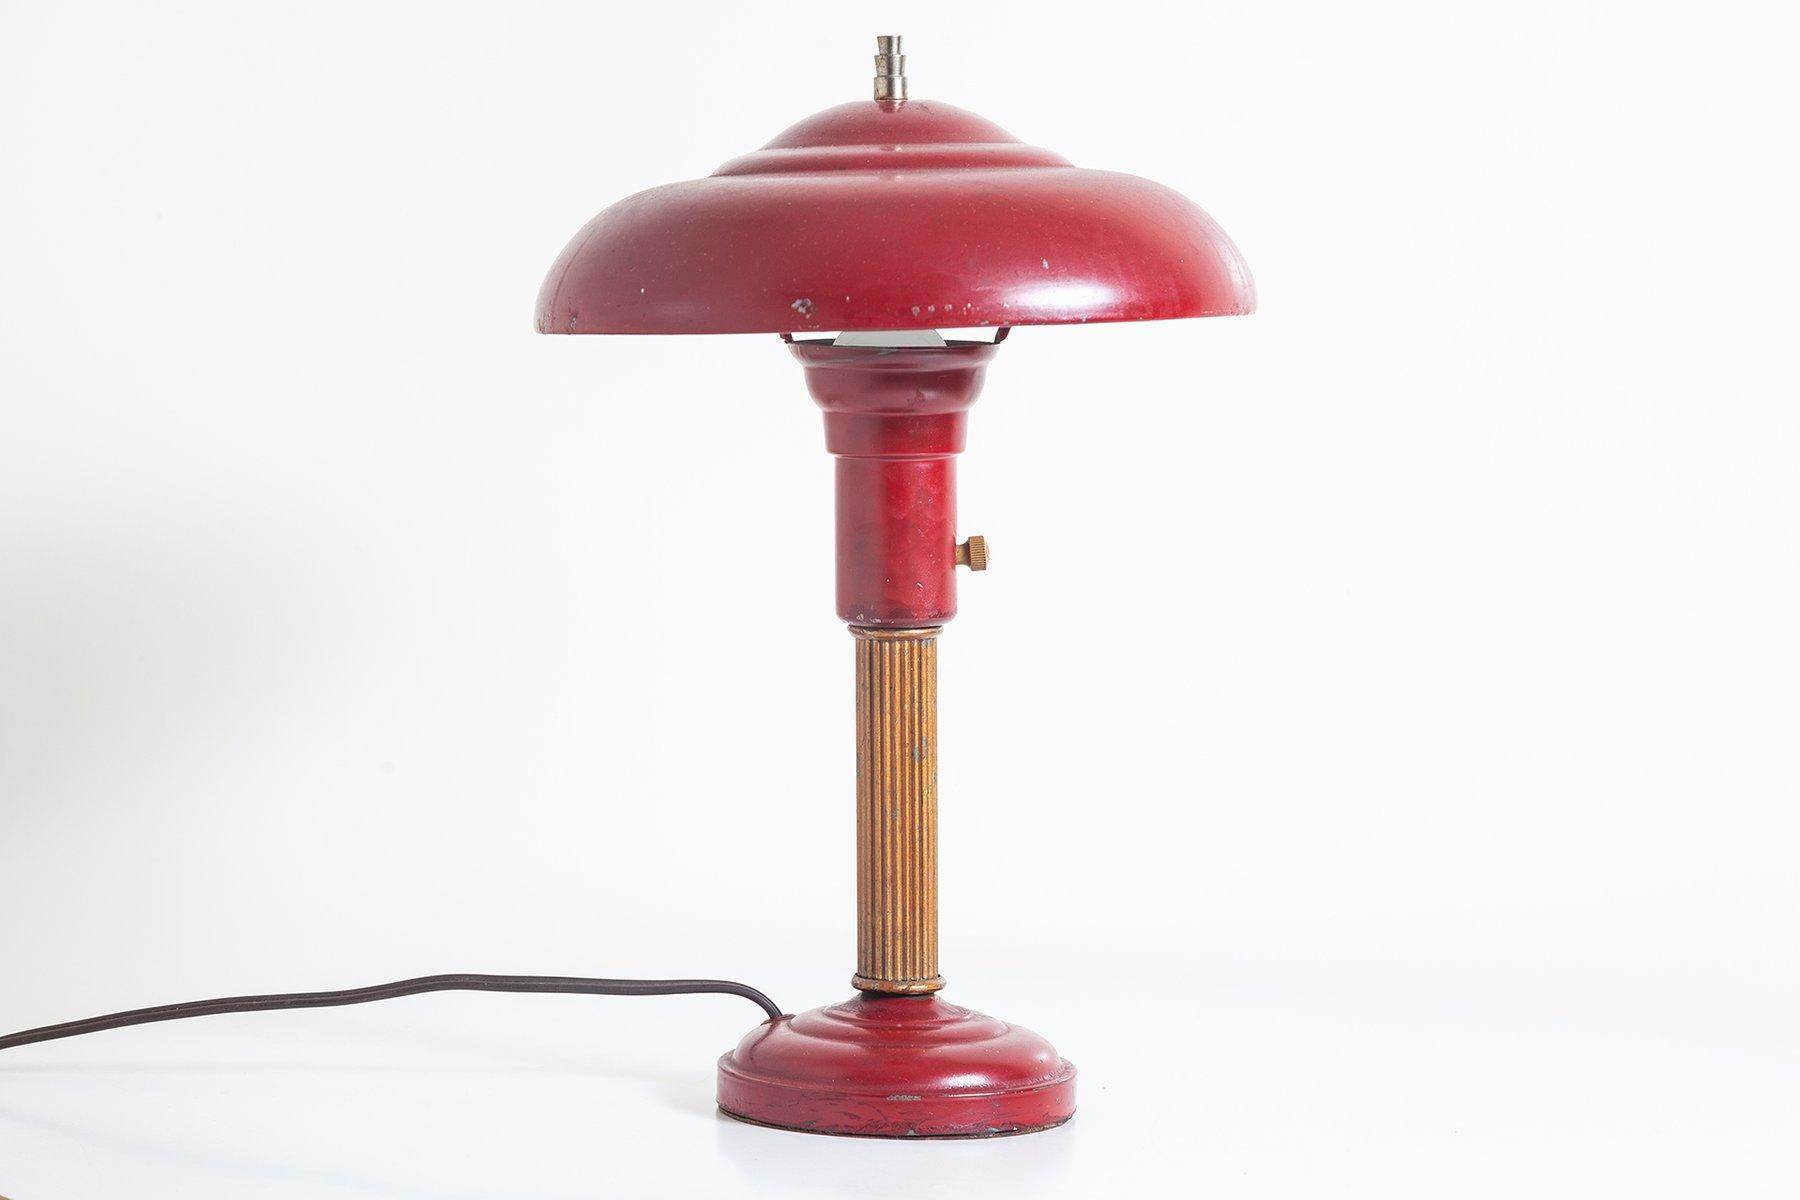 Vintage Tischlampe, 1930er